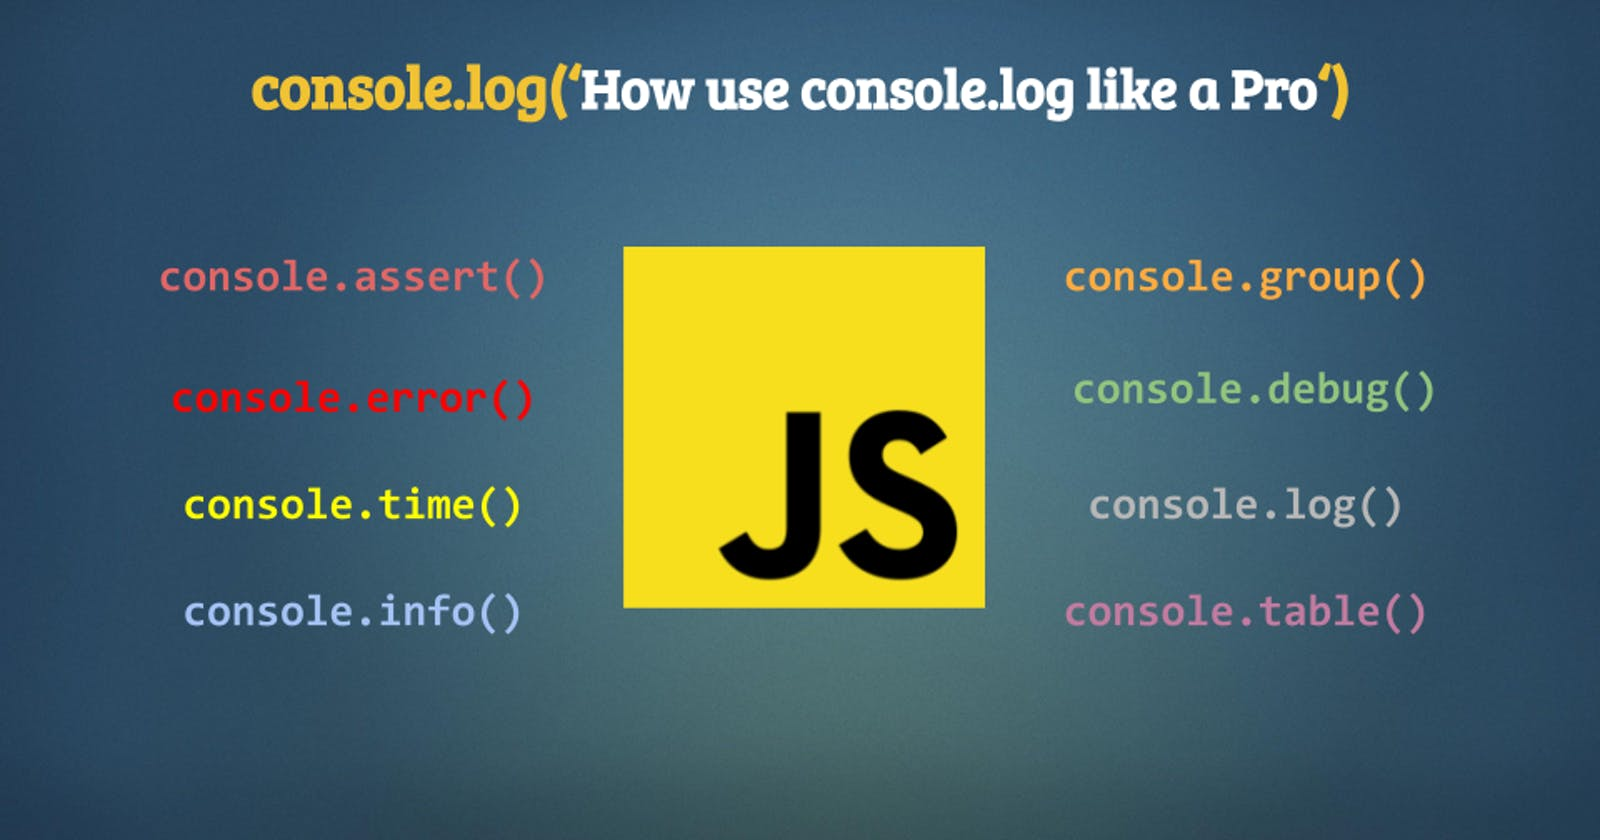 How use console.log like a Pro